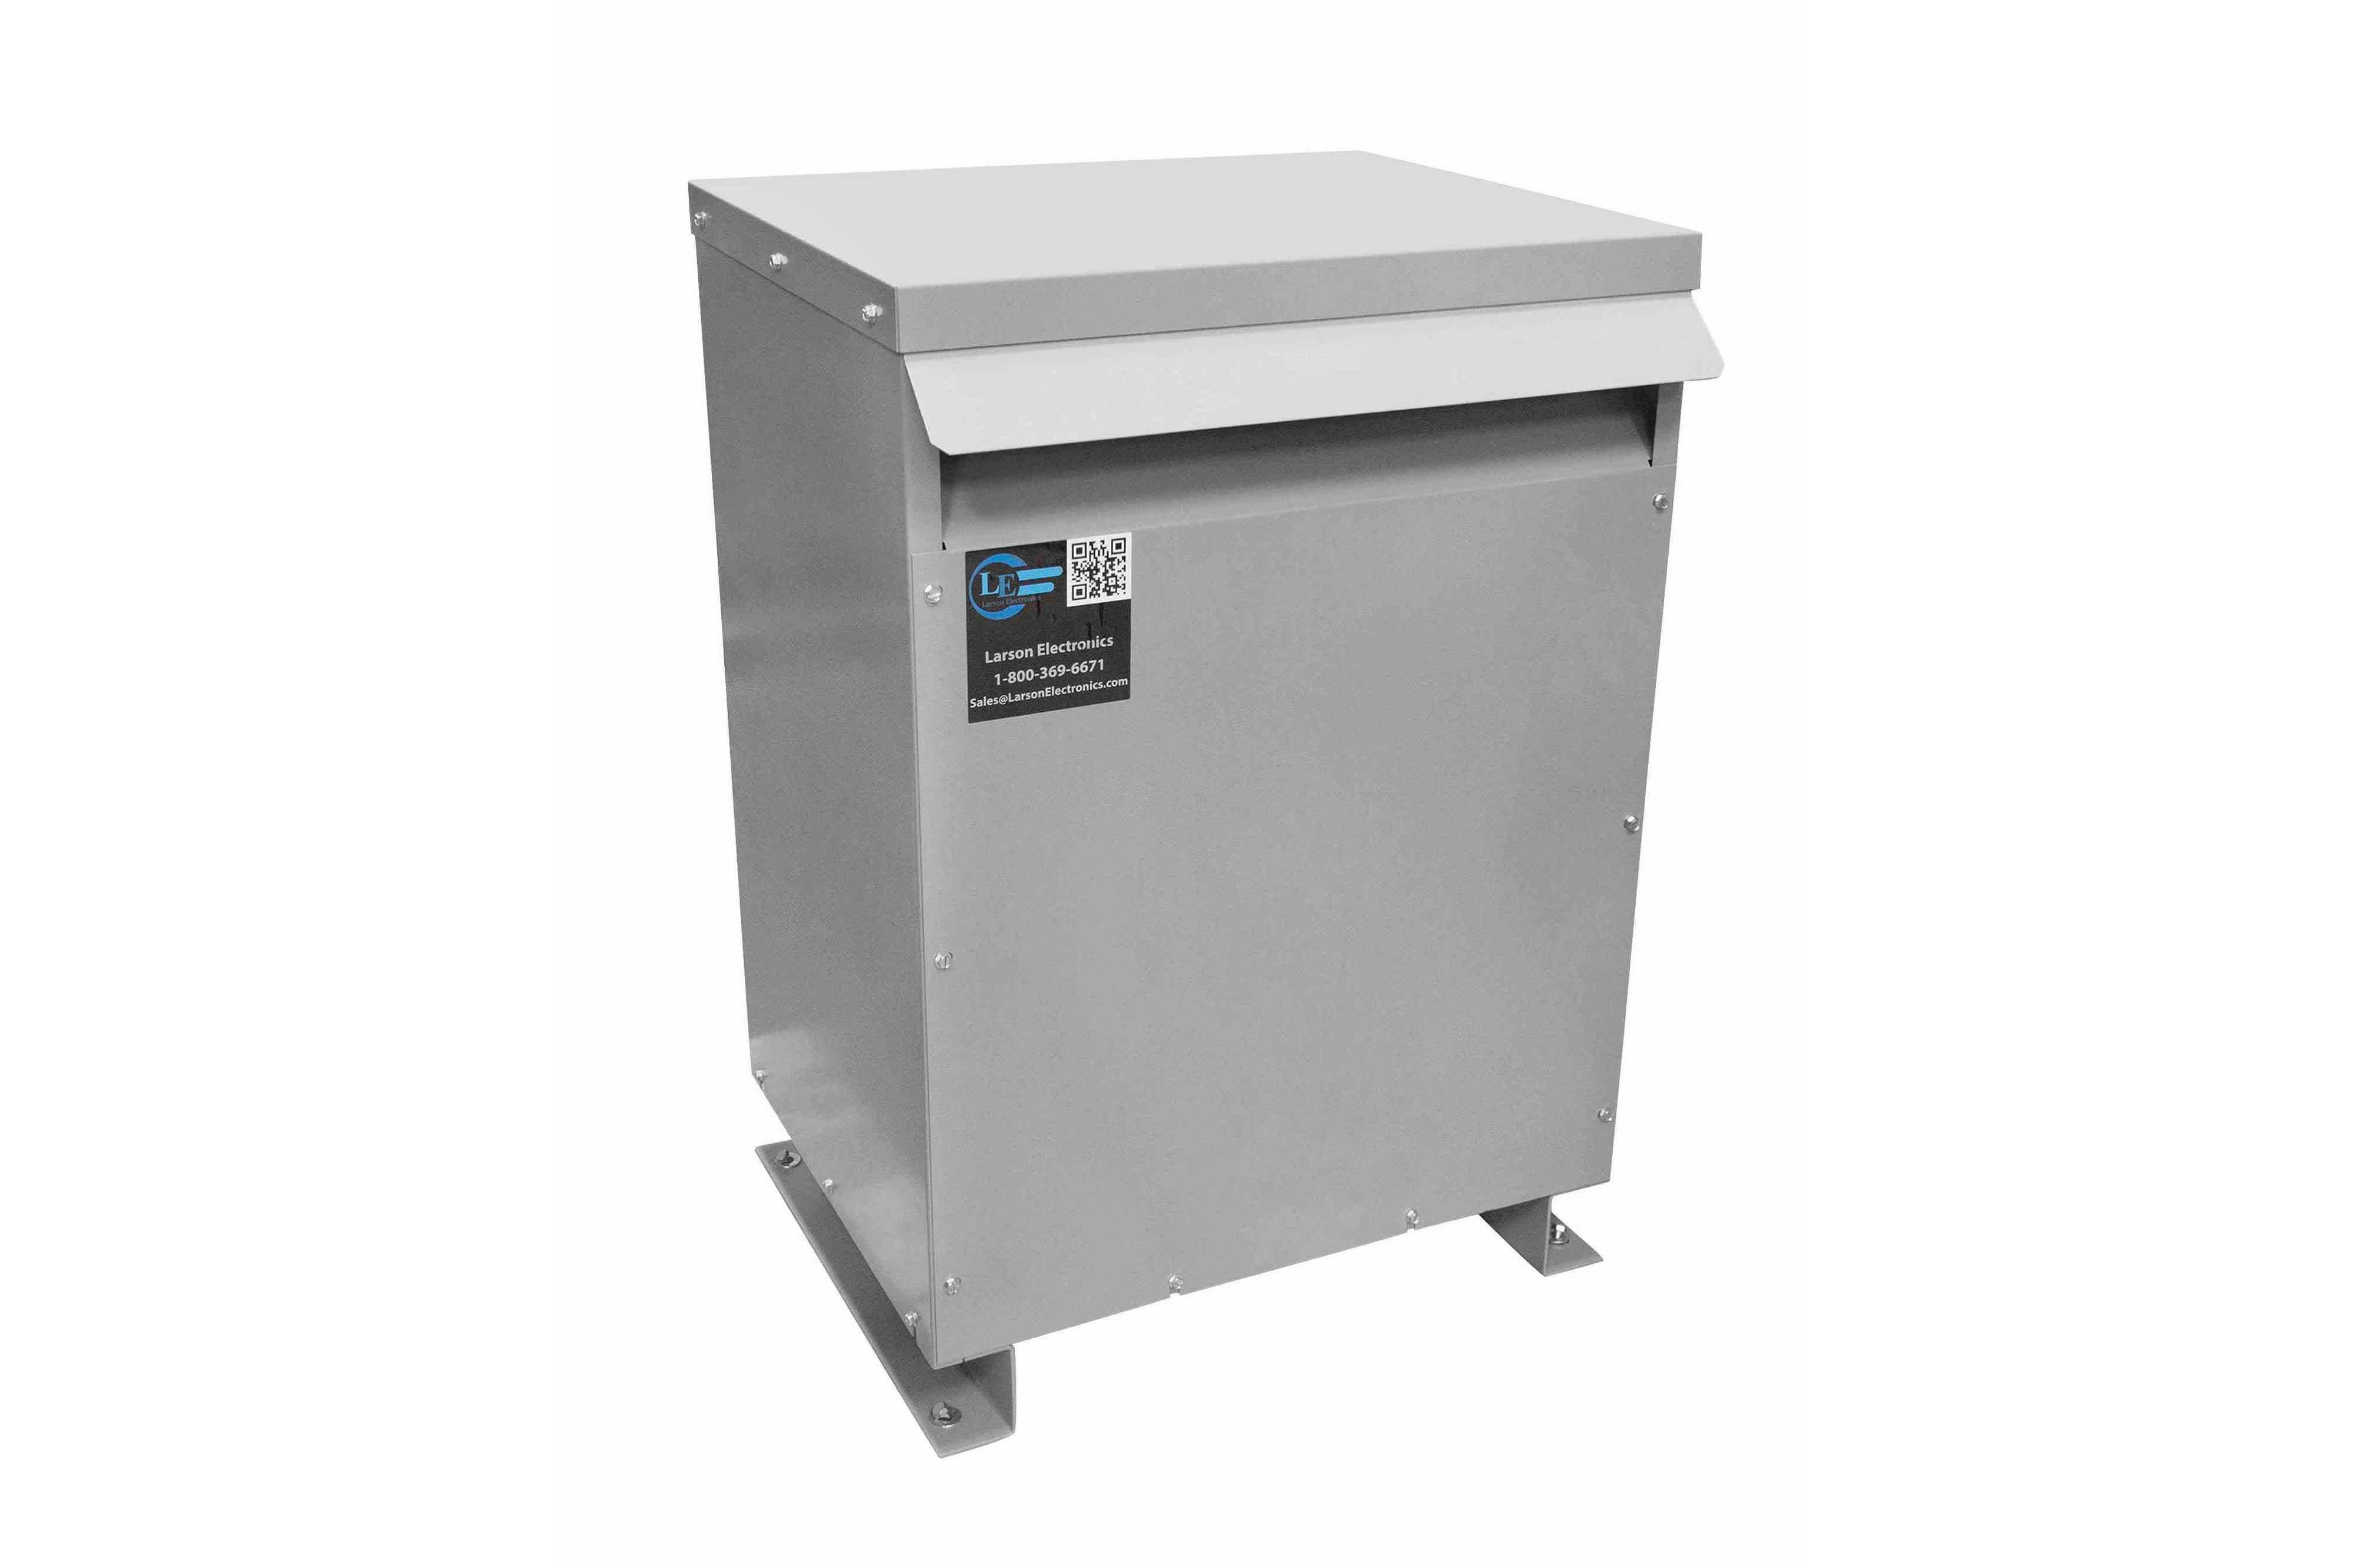 400 kVA 3PH Isolation Transformer, 400V Delta Primary, 208V Delta Secondary, N3R, Ventilated, 60 Hz